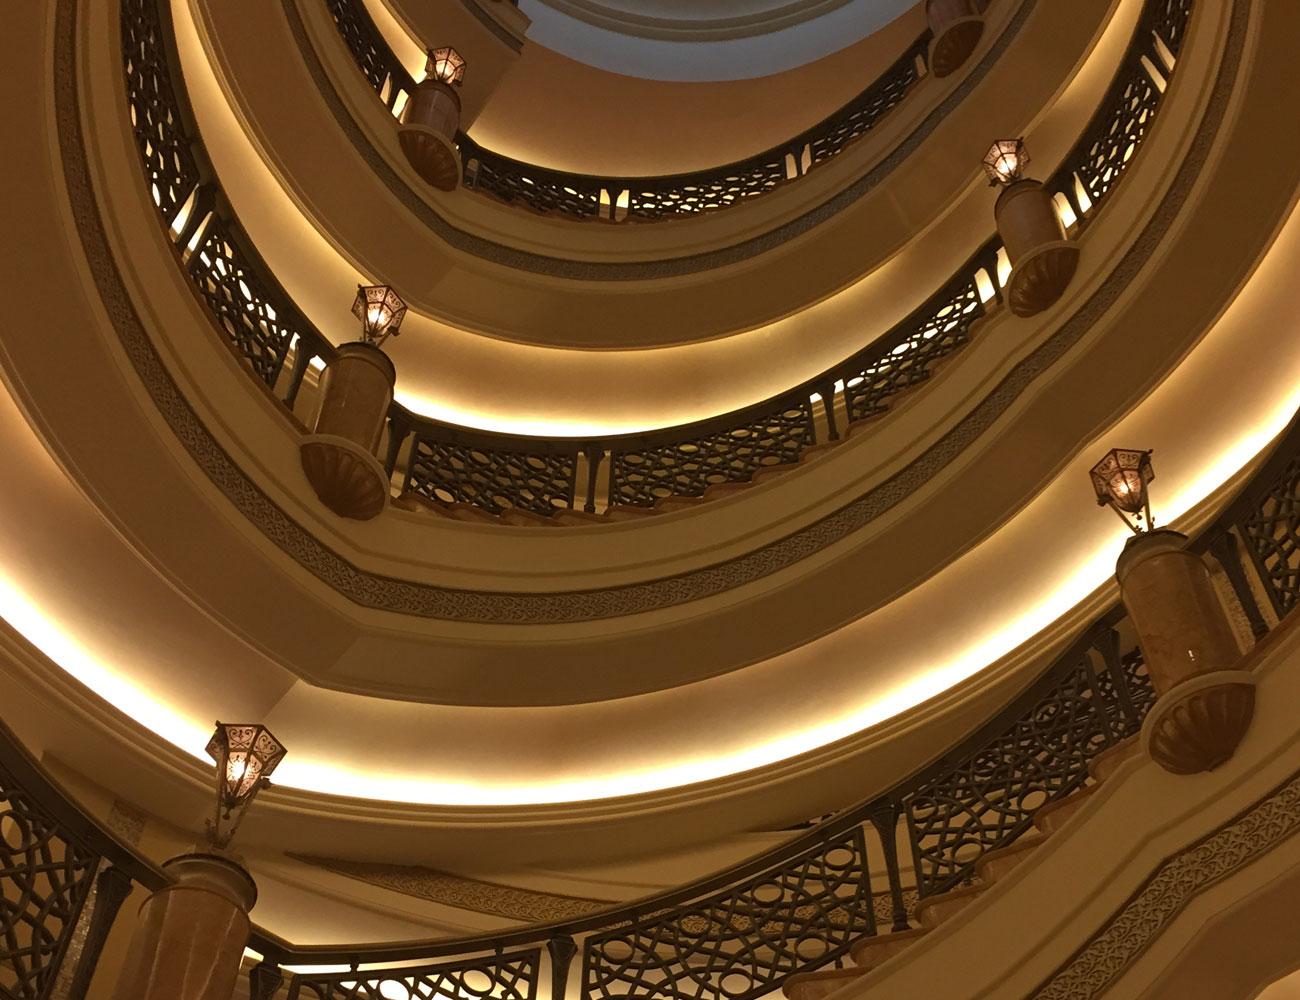 Дизайн лестниц в эксклюзивных интерьерах КП «Миллениум Парк», «Золотой мили» и «Москва Сити». Фото 03